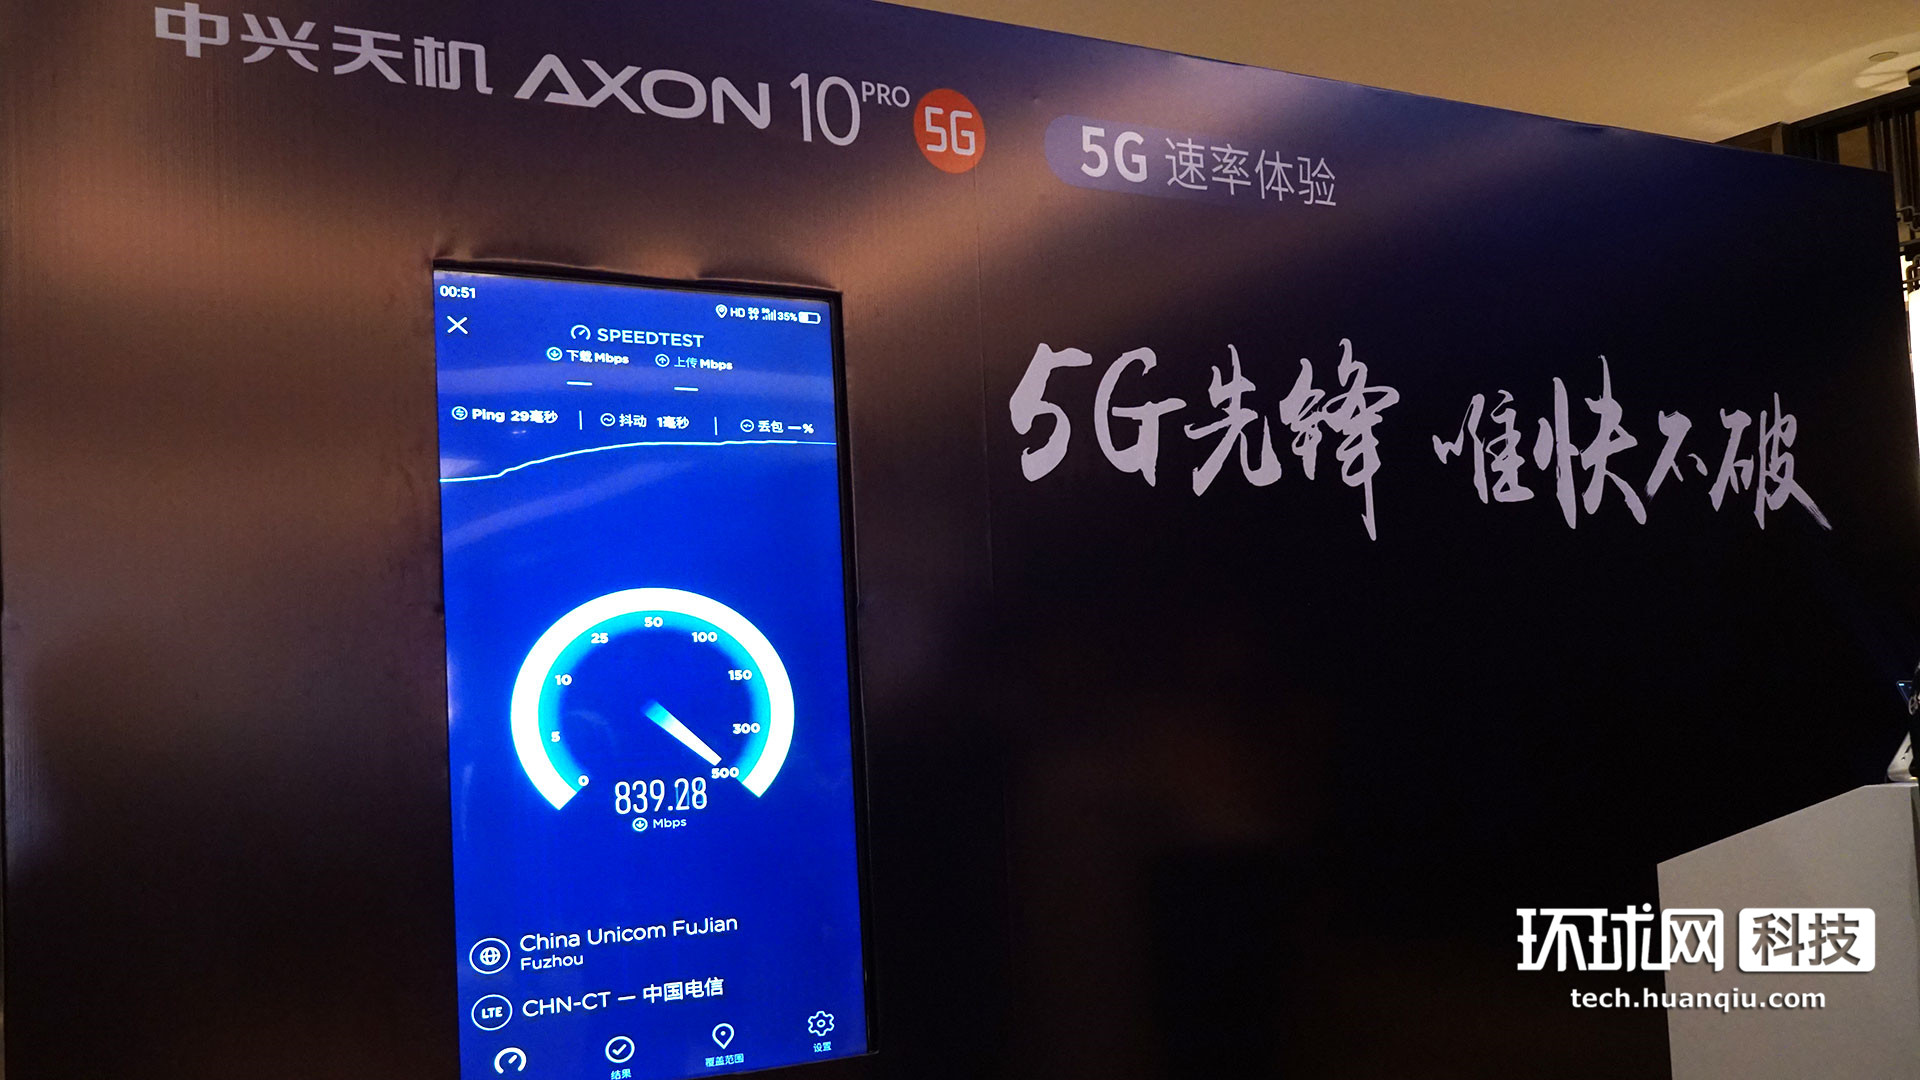 中兴天机Axon 10 Pro 5G版国内首发,抢跑5G商用